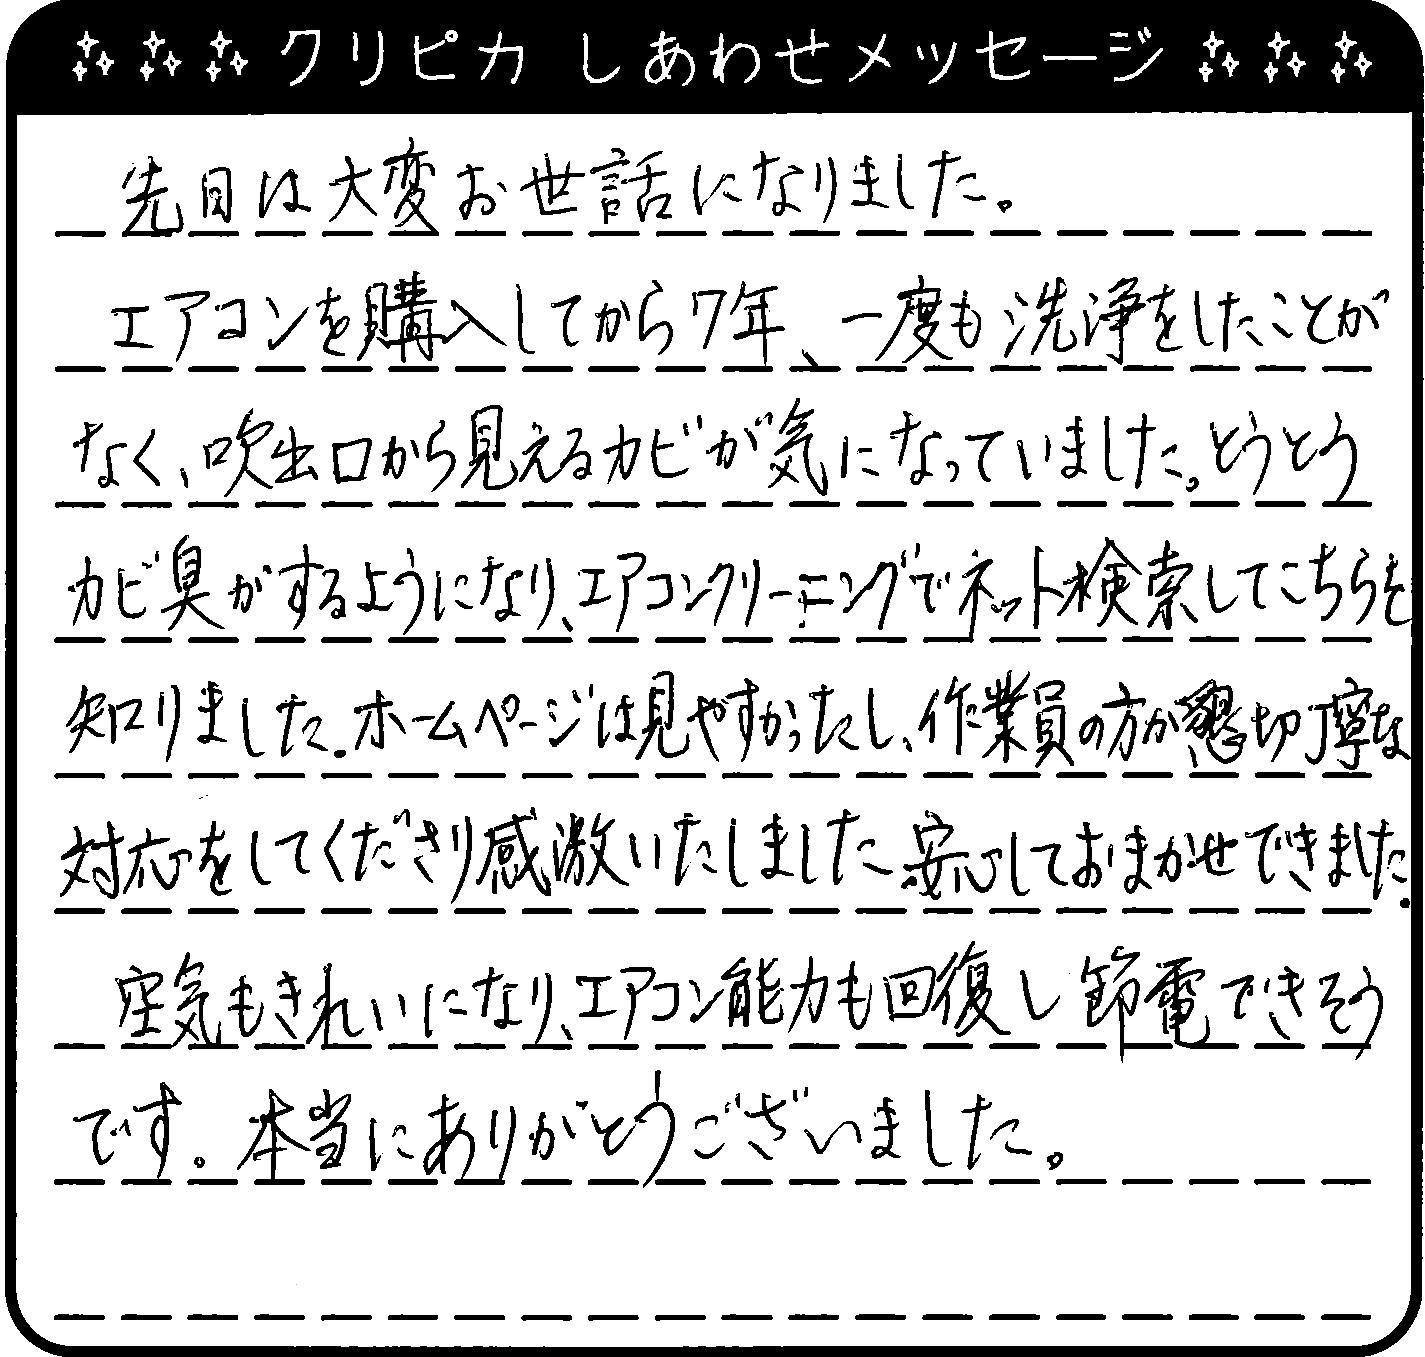 福岡県 T様からのしあわせメッセージ